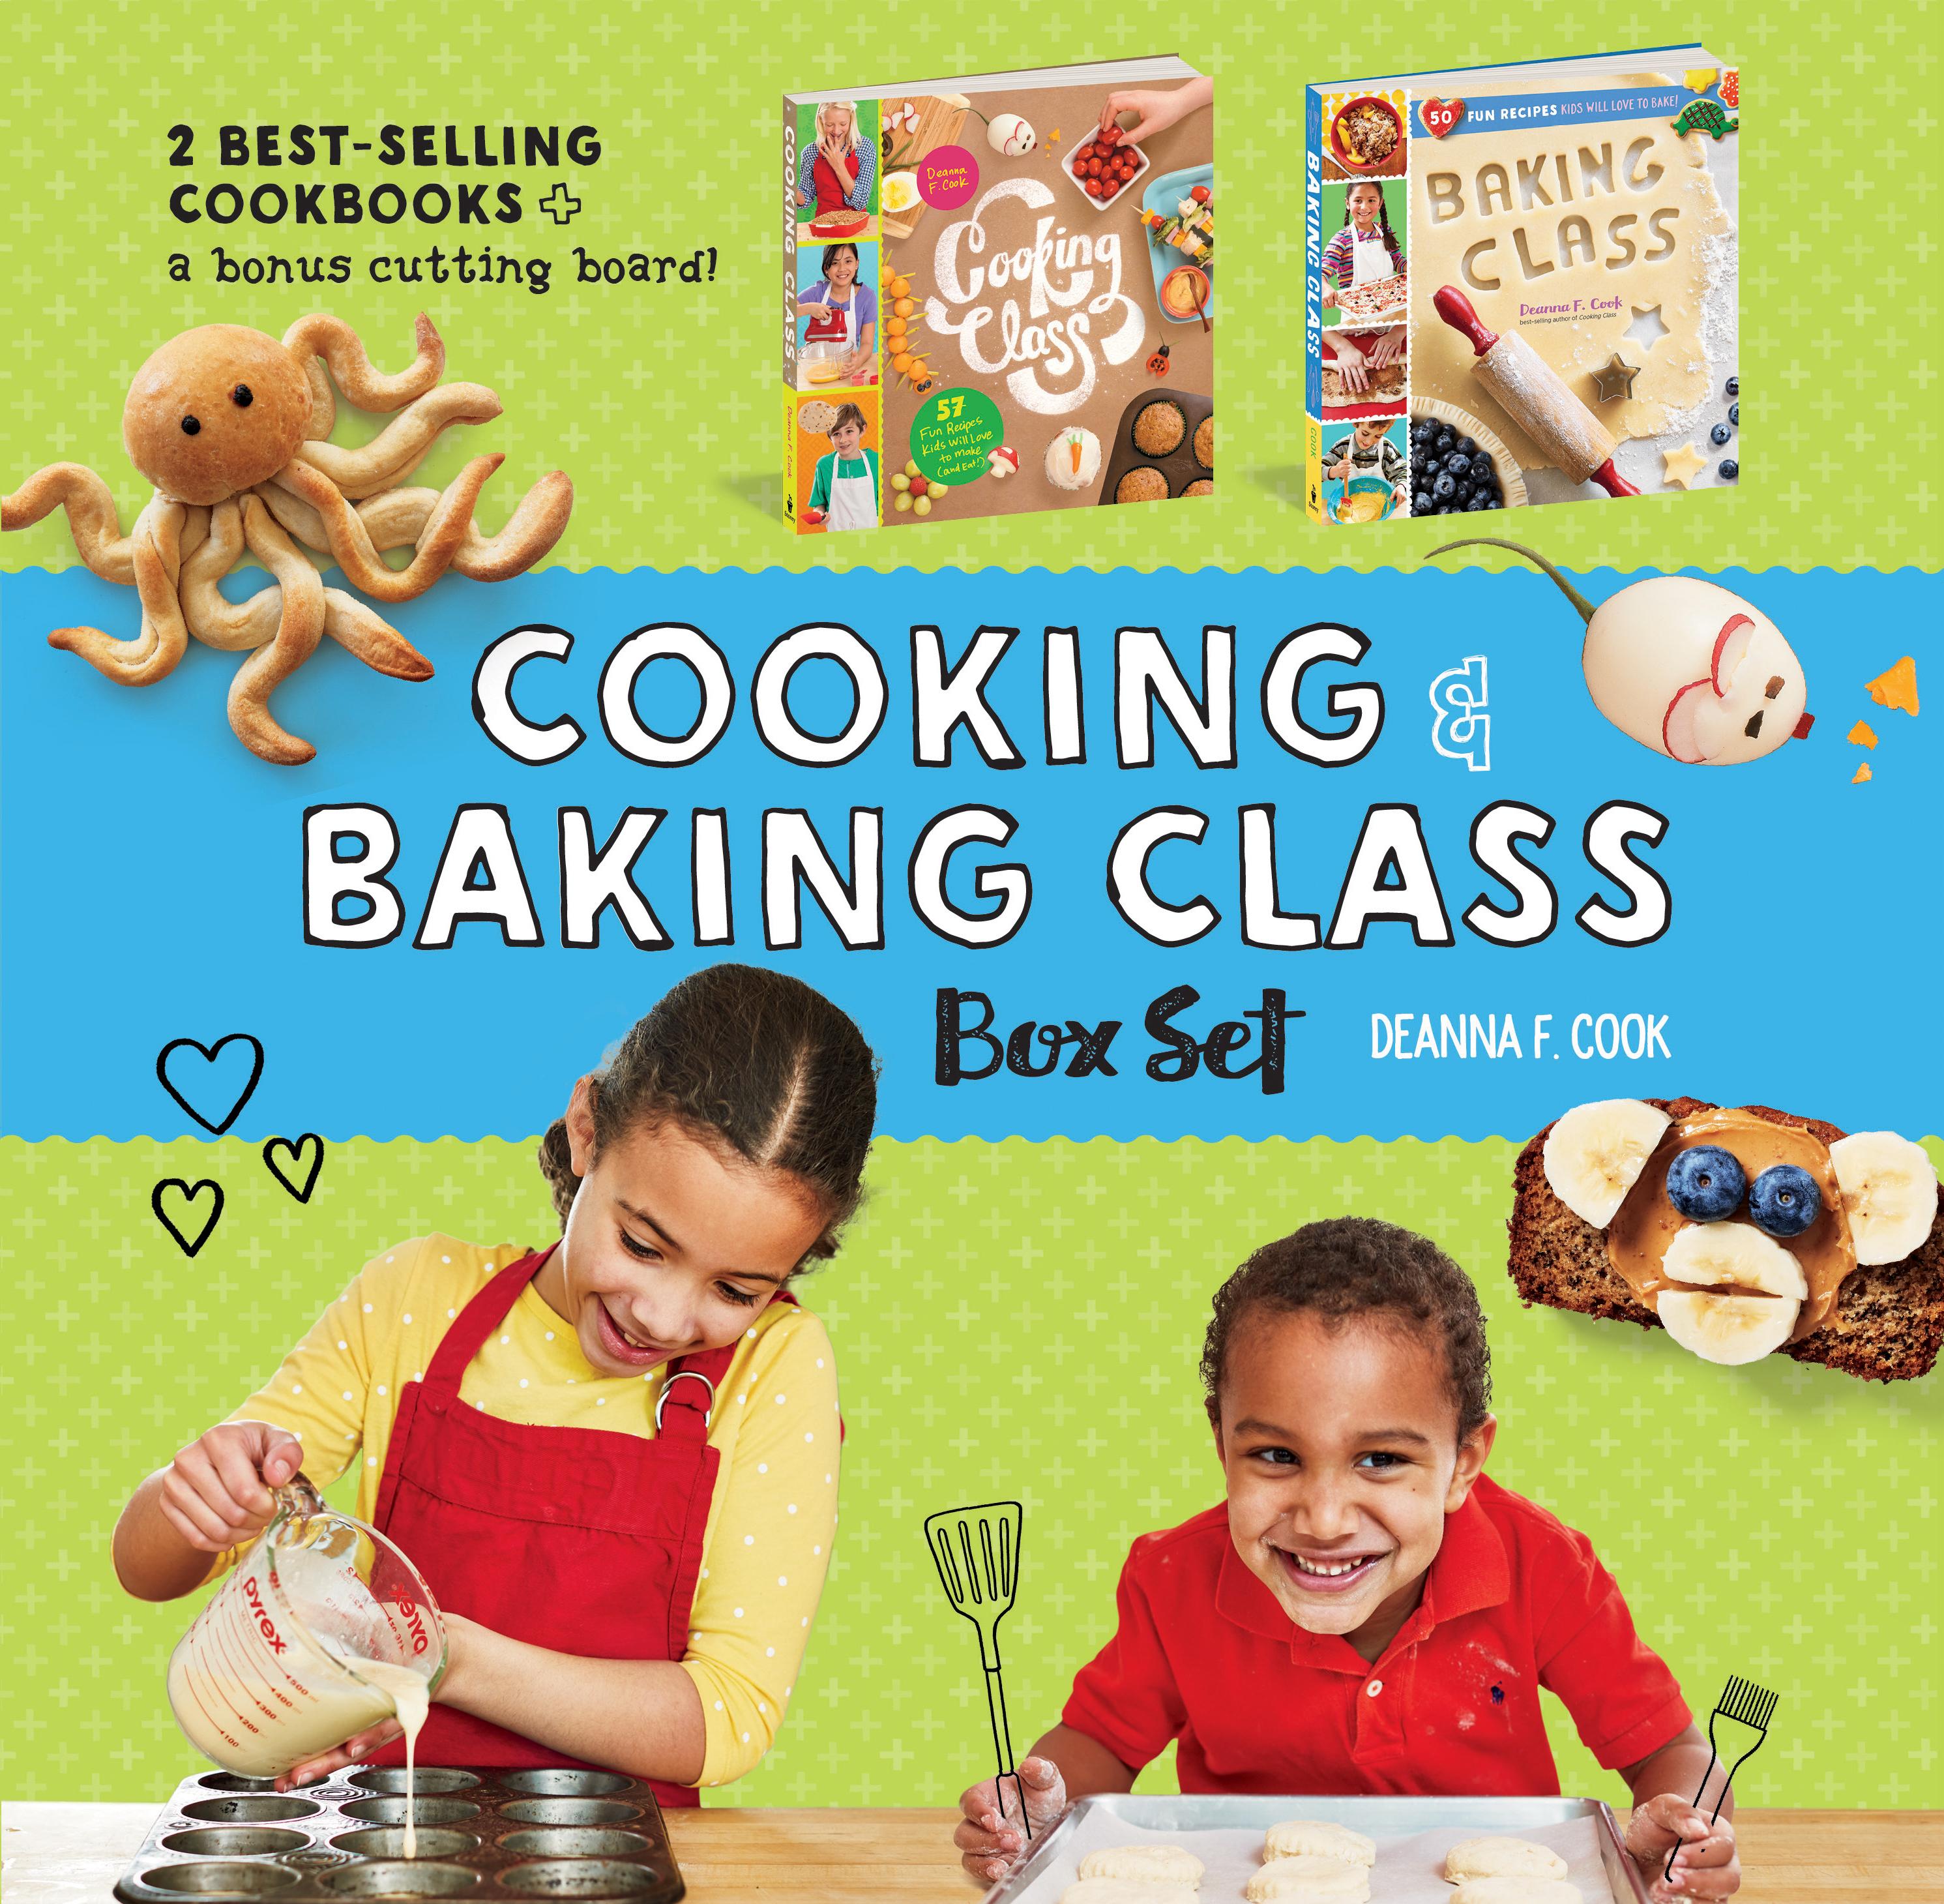 Cooking & Baking Class Box Set  - Deanna F. Cook